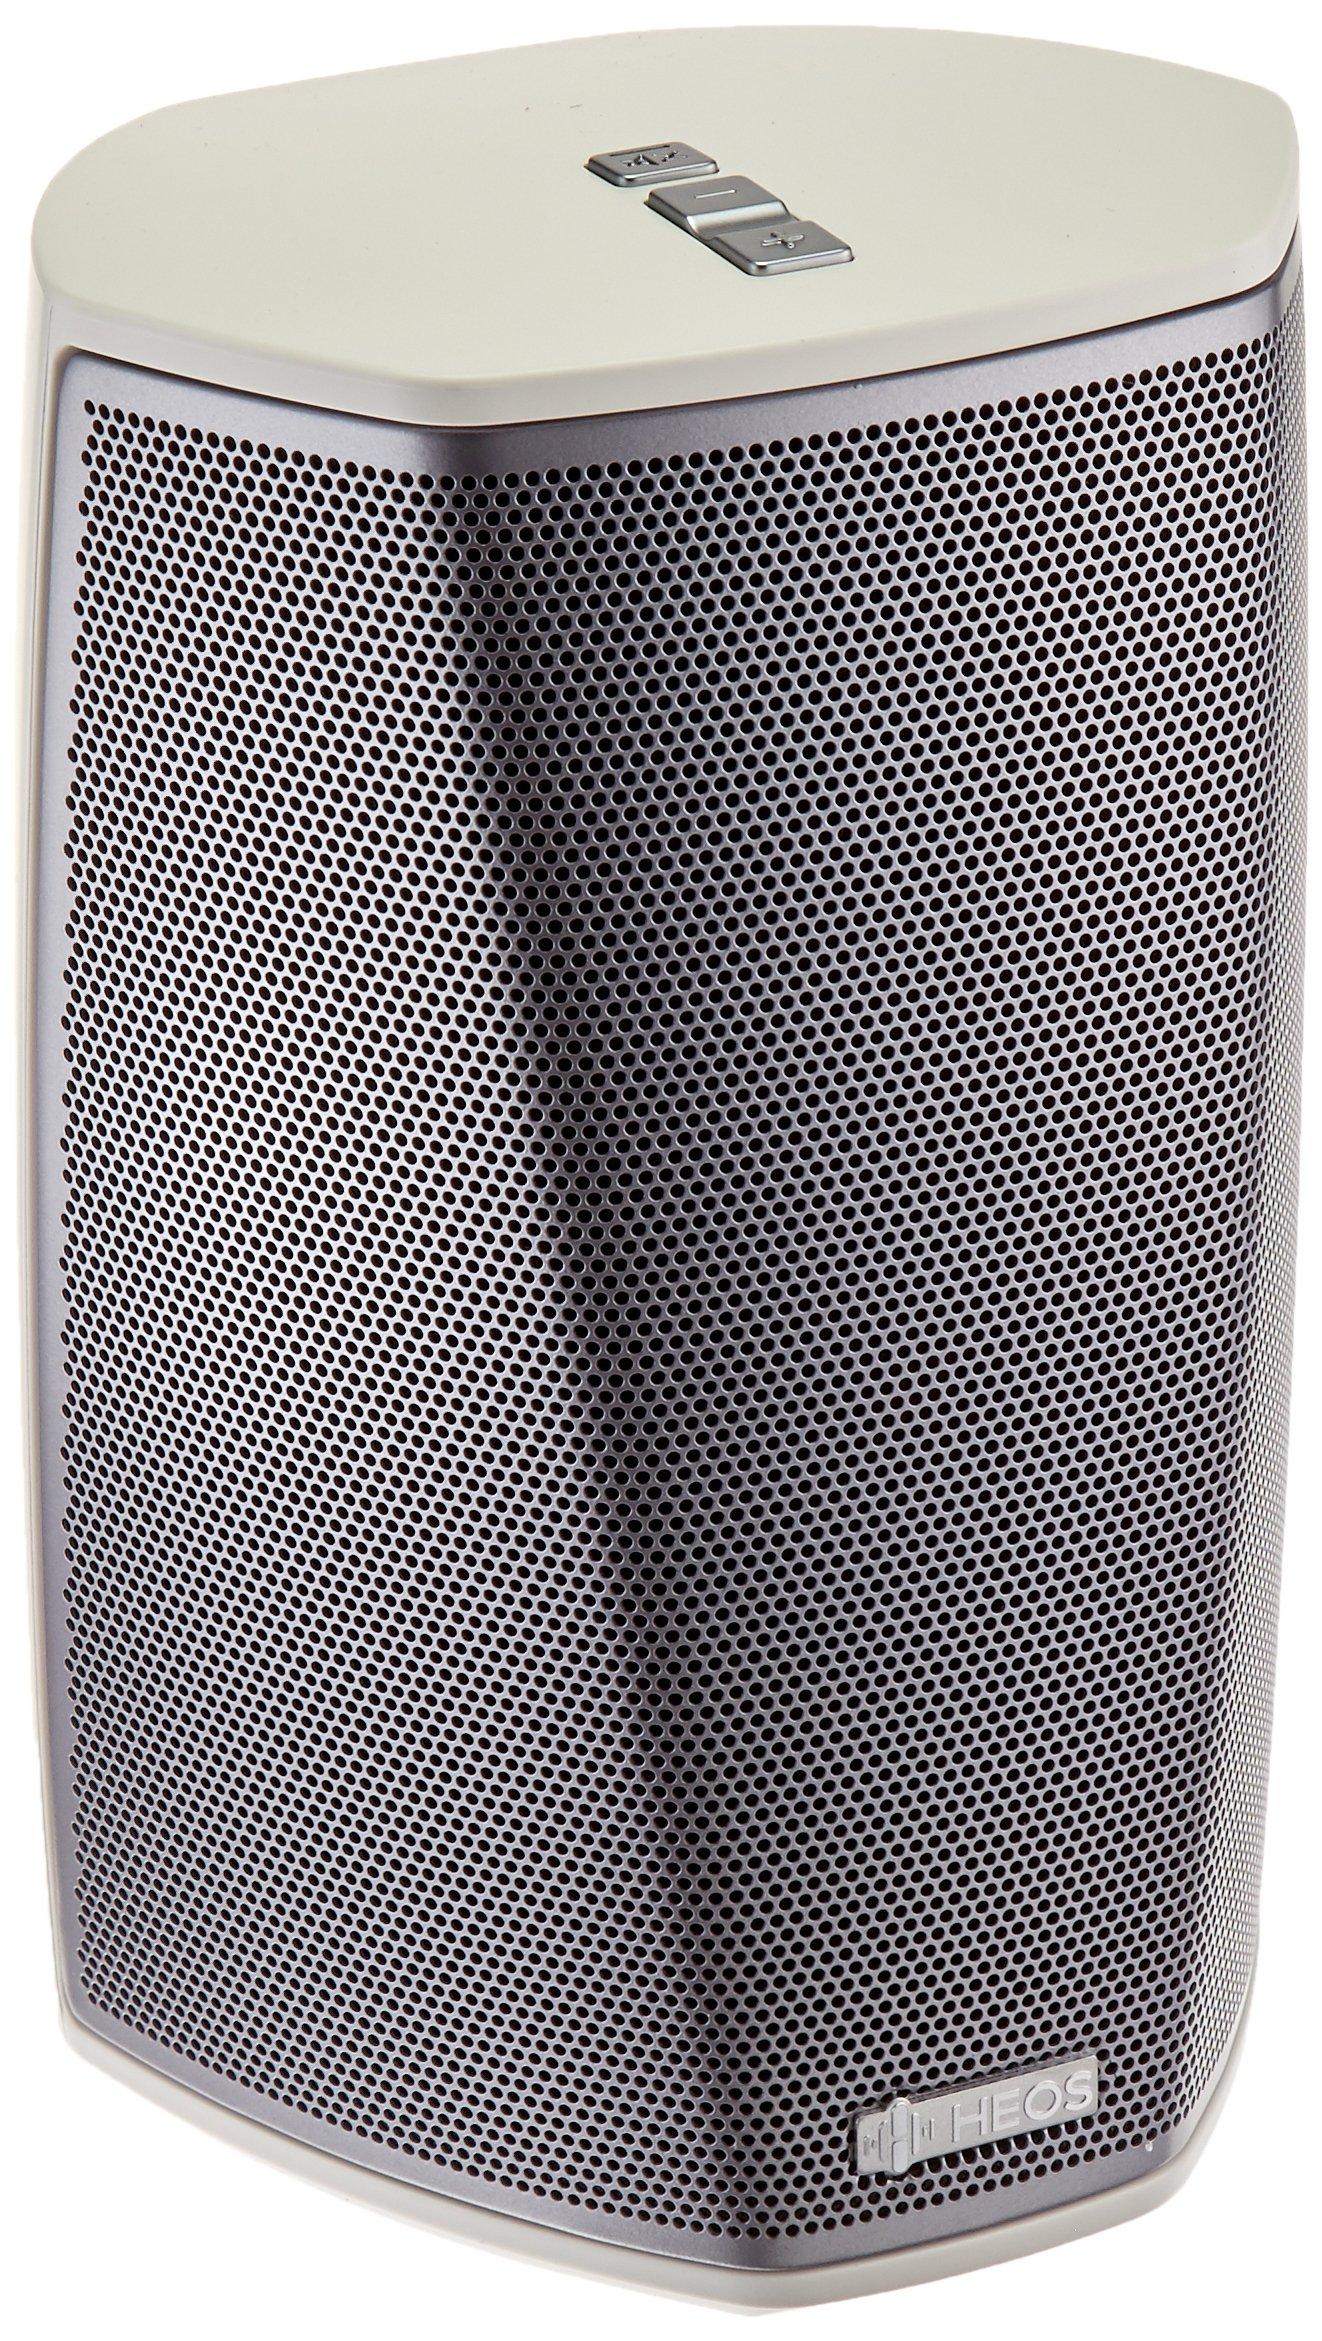 Denon HEOS 1 HS2 Wireless Speaker (White) (New Version)